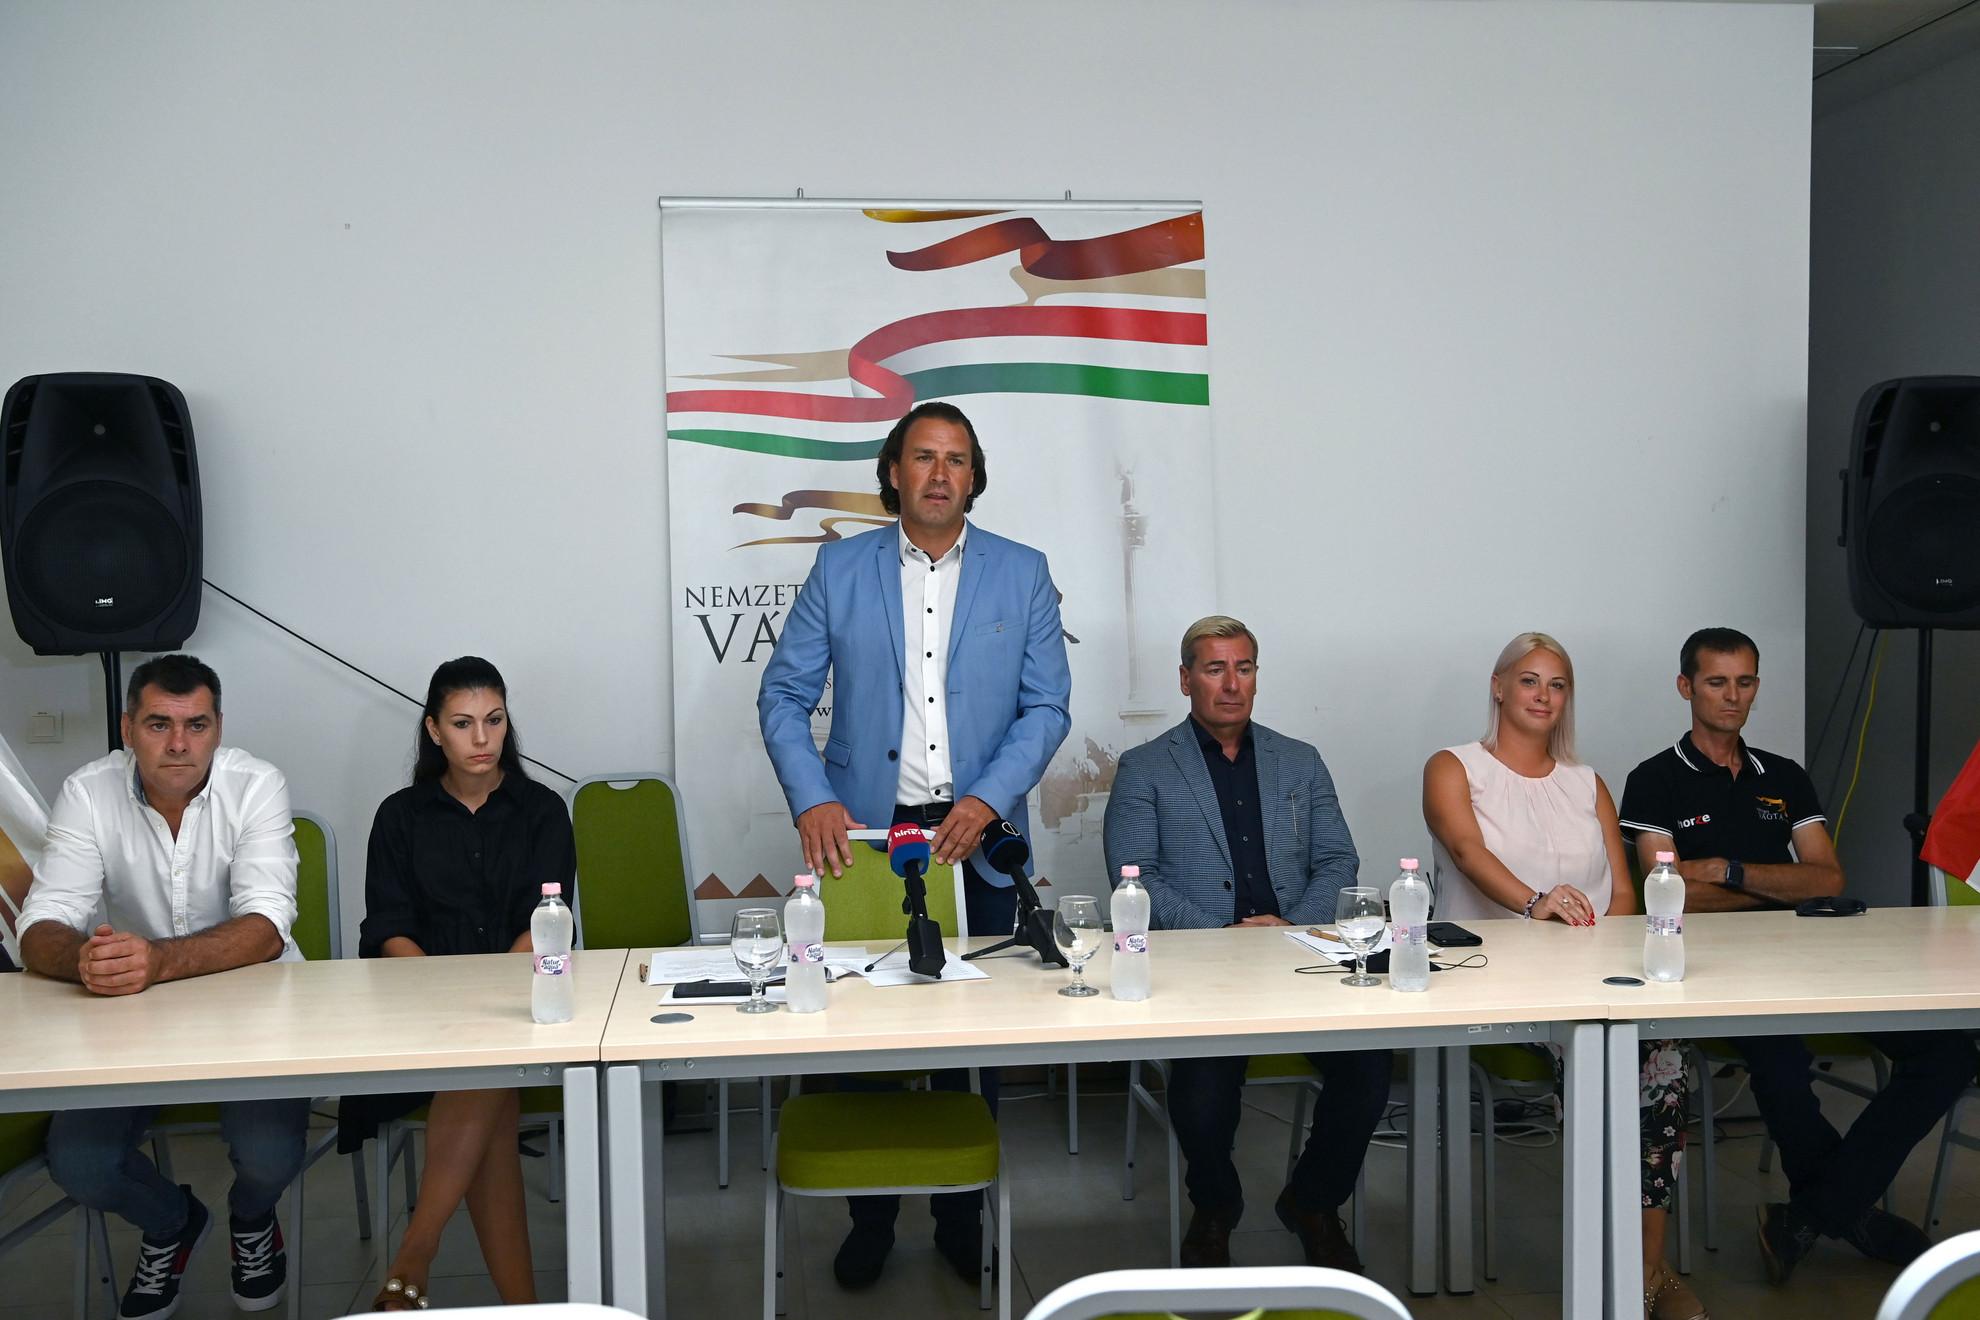 Szotyori Nagy Kristóf versenyigazgató (b3), Lázár Vilmos, a Nemzeti Vágta elnöke (j3), valamint az elővágták szervezői, Winkler Zsolt (b), Bakó Bianka (b2), Katona Linda (j2) és Zajzon András (j)